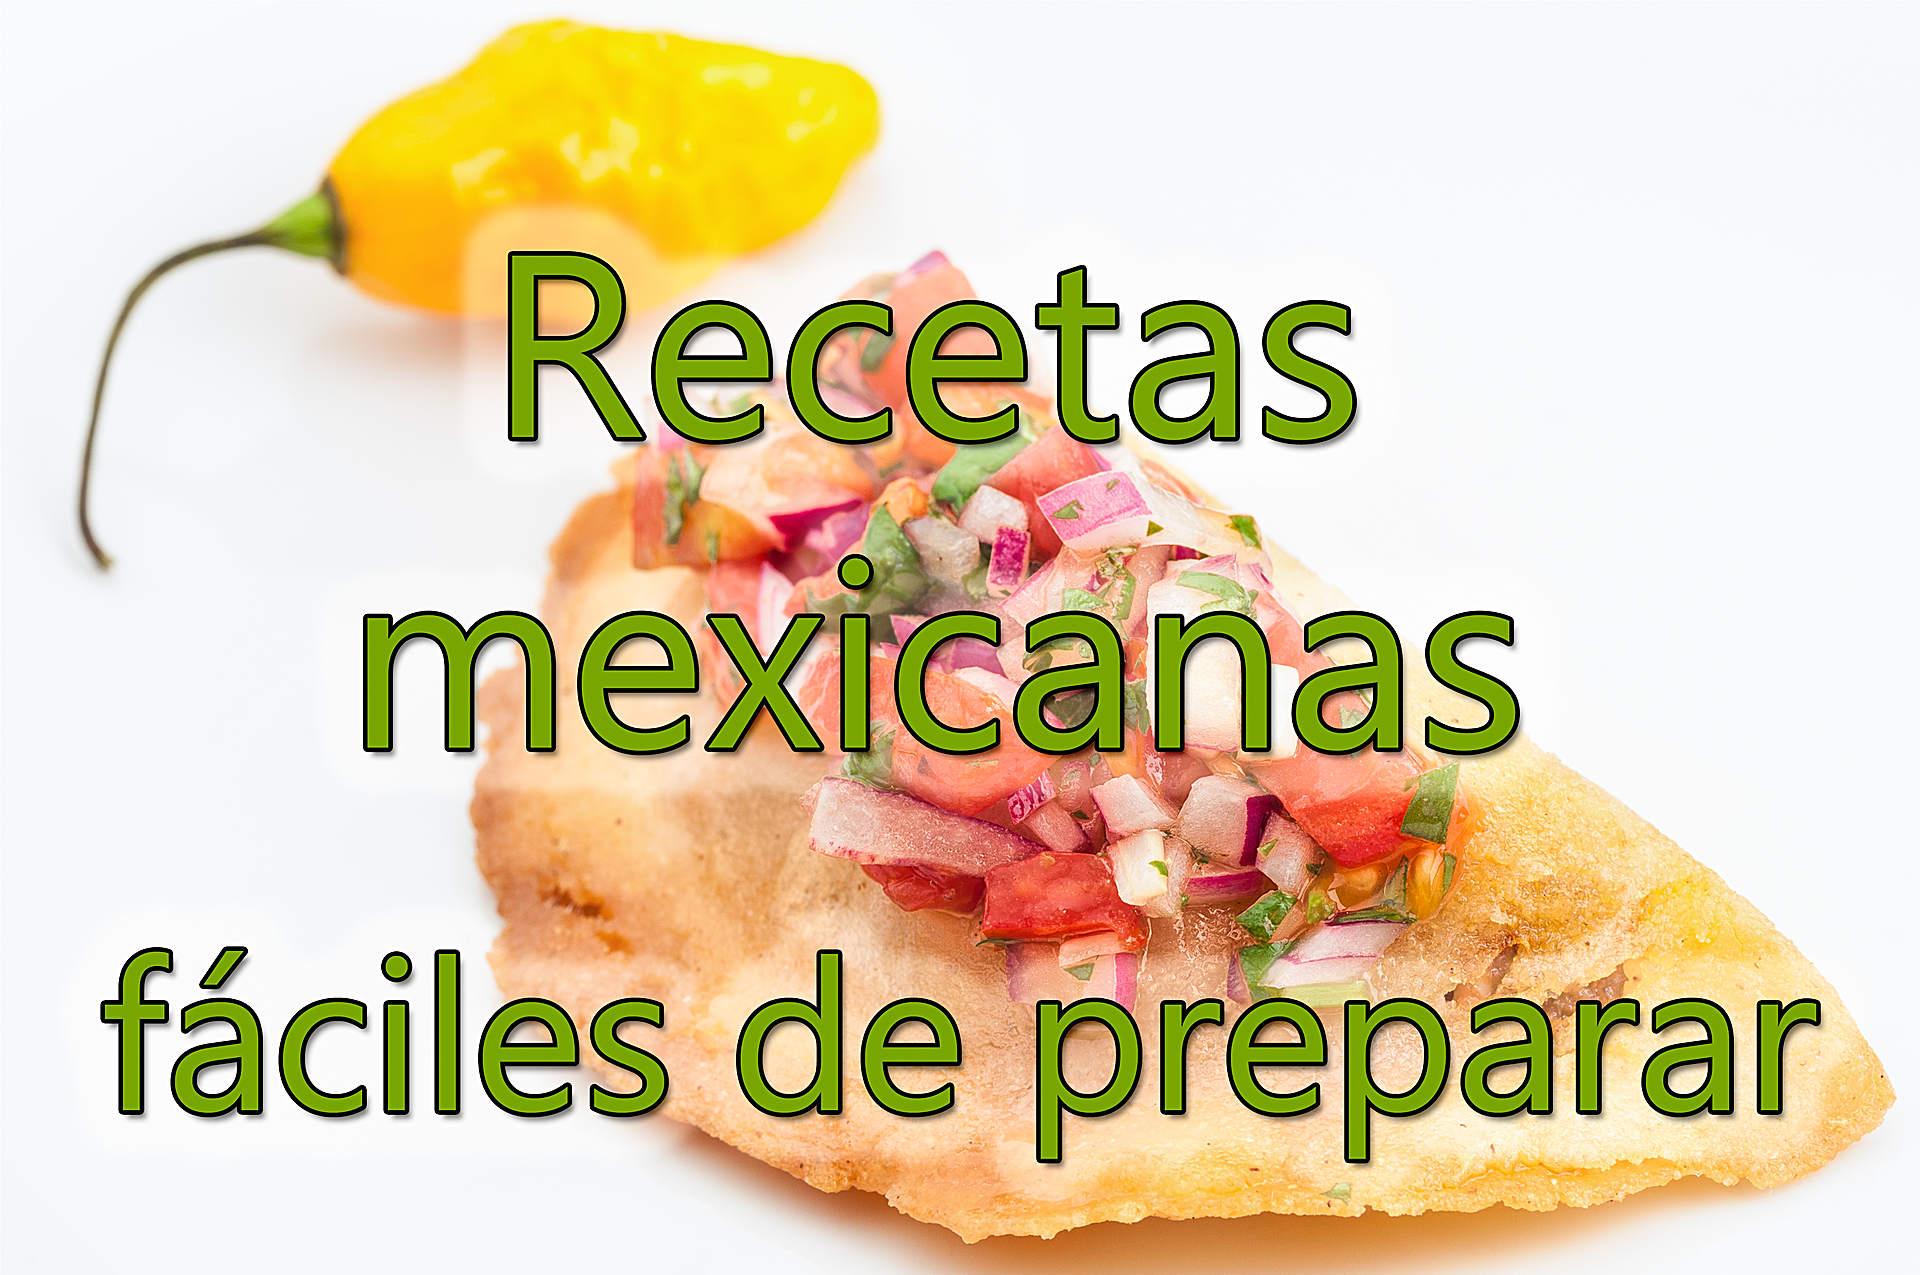 Recetas mexicanas f ciles de preparar recetas mexicanas for Comida rapida y facil de preparar en casa